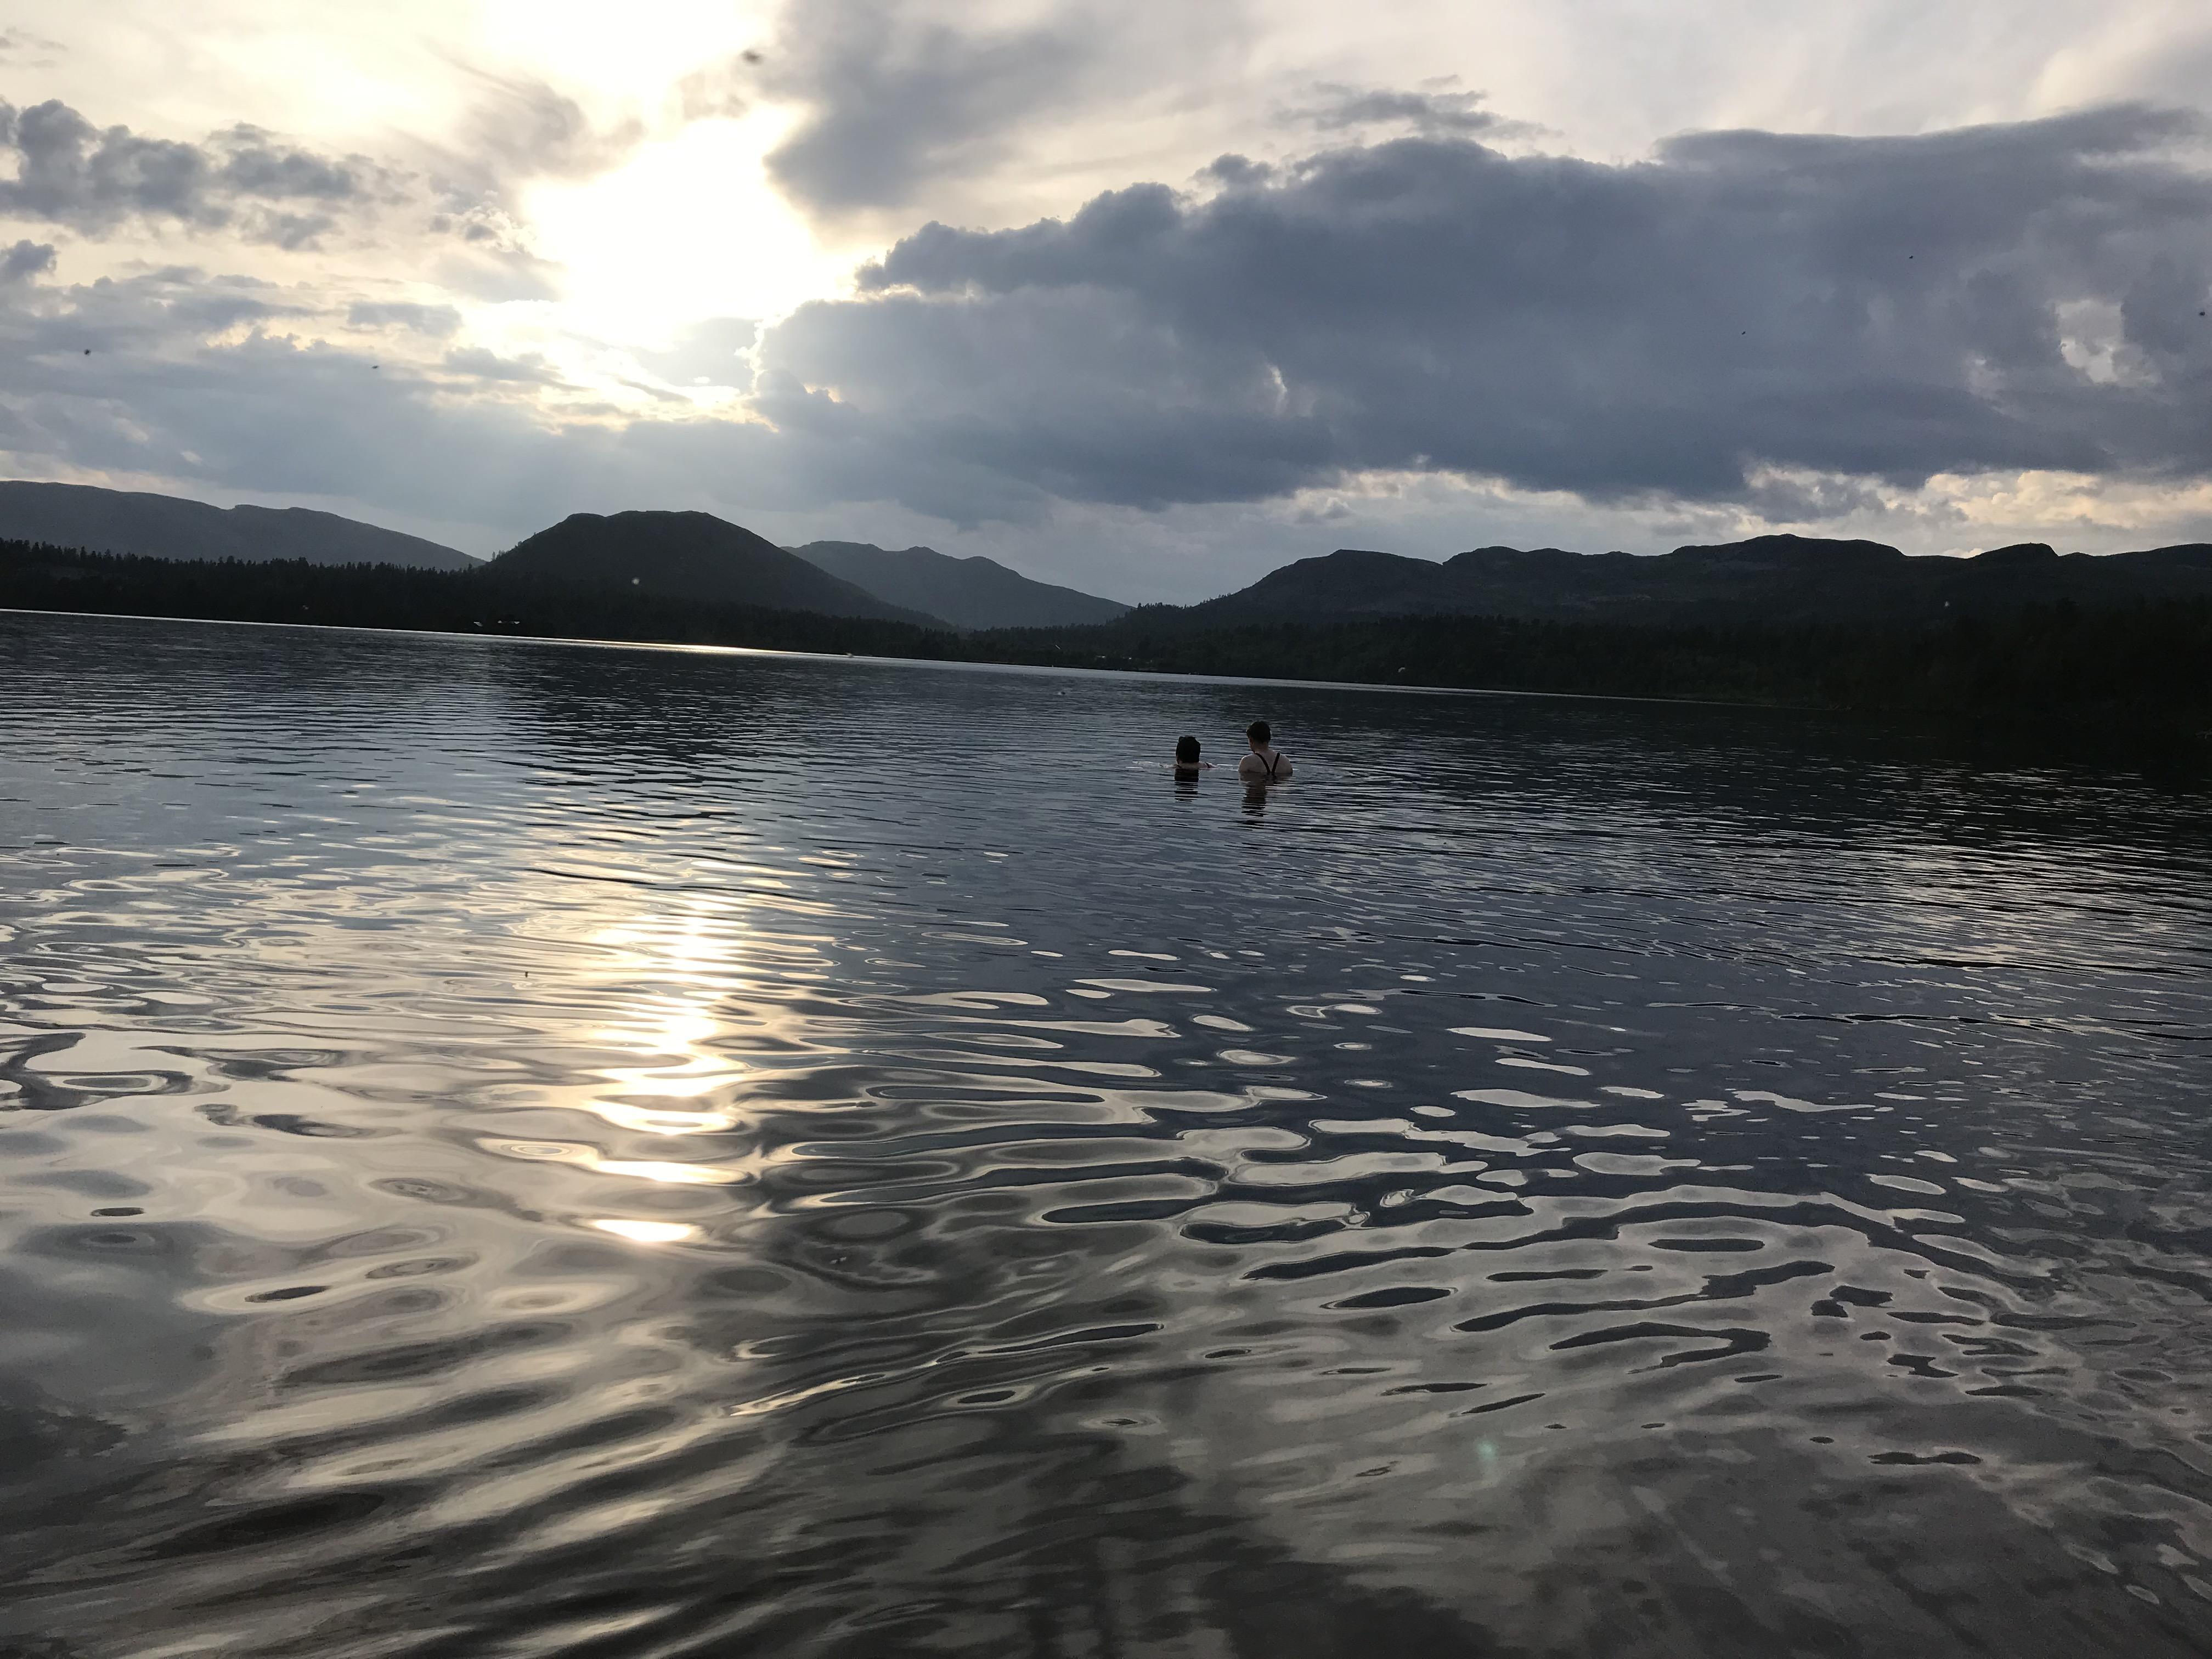 På bading i Fjellgutusjøen